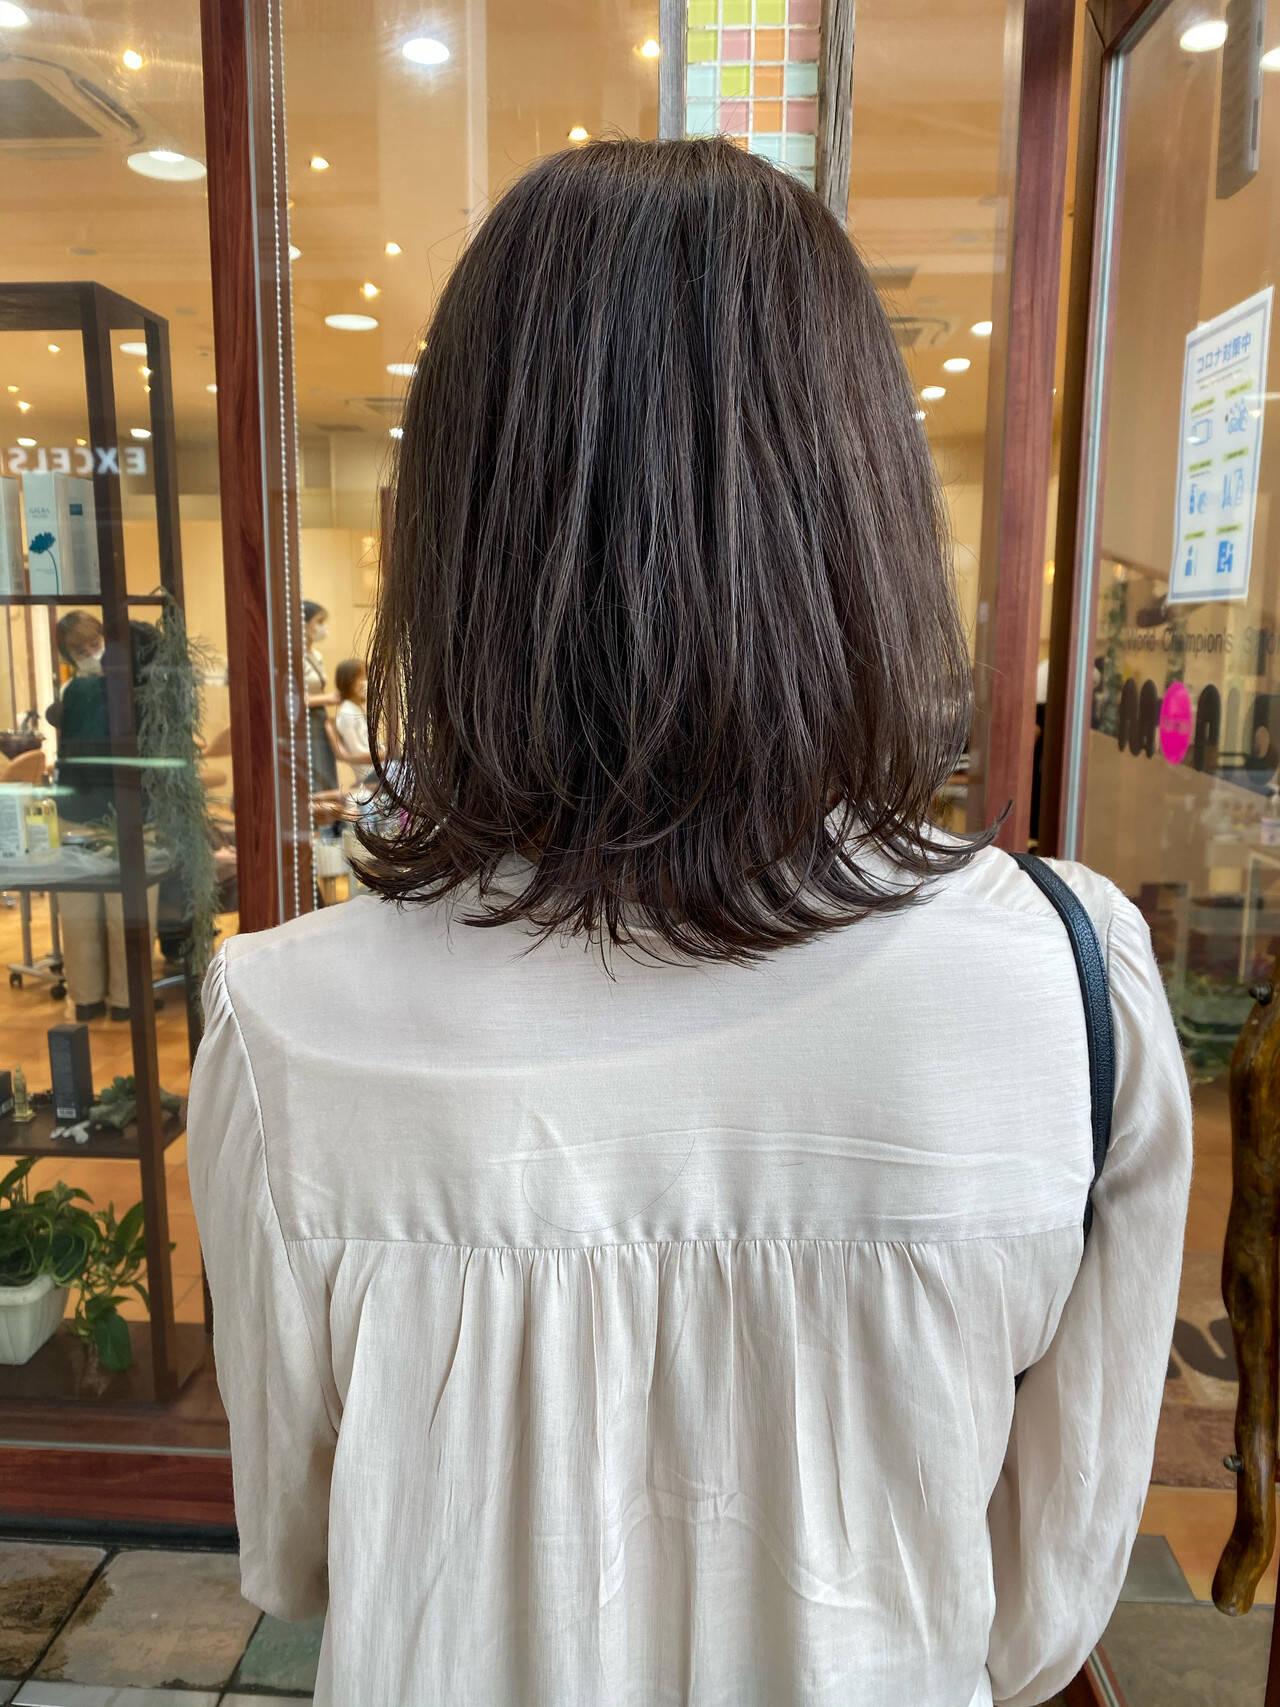 レイヤーカット ナチュラル アッシュベージュ ウルフカットヘアスタイルや髪型の写真・画像